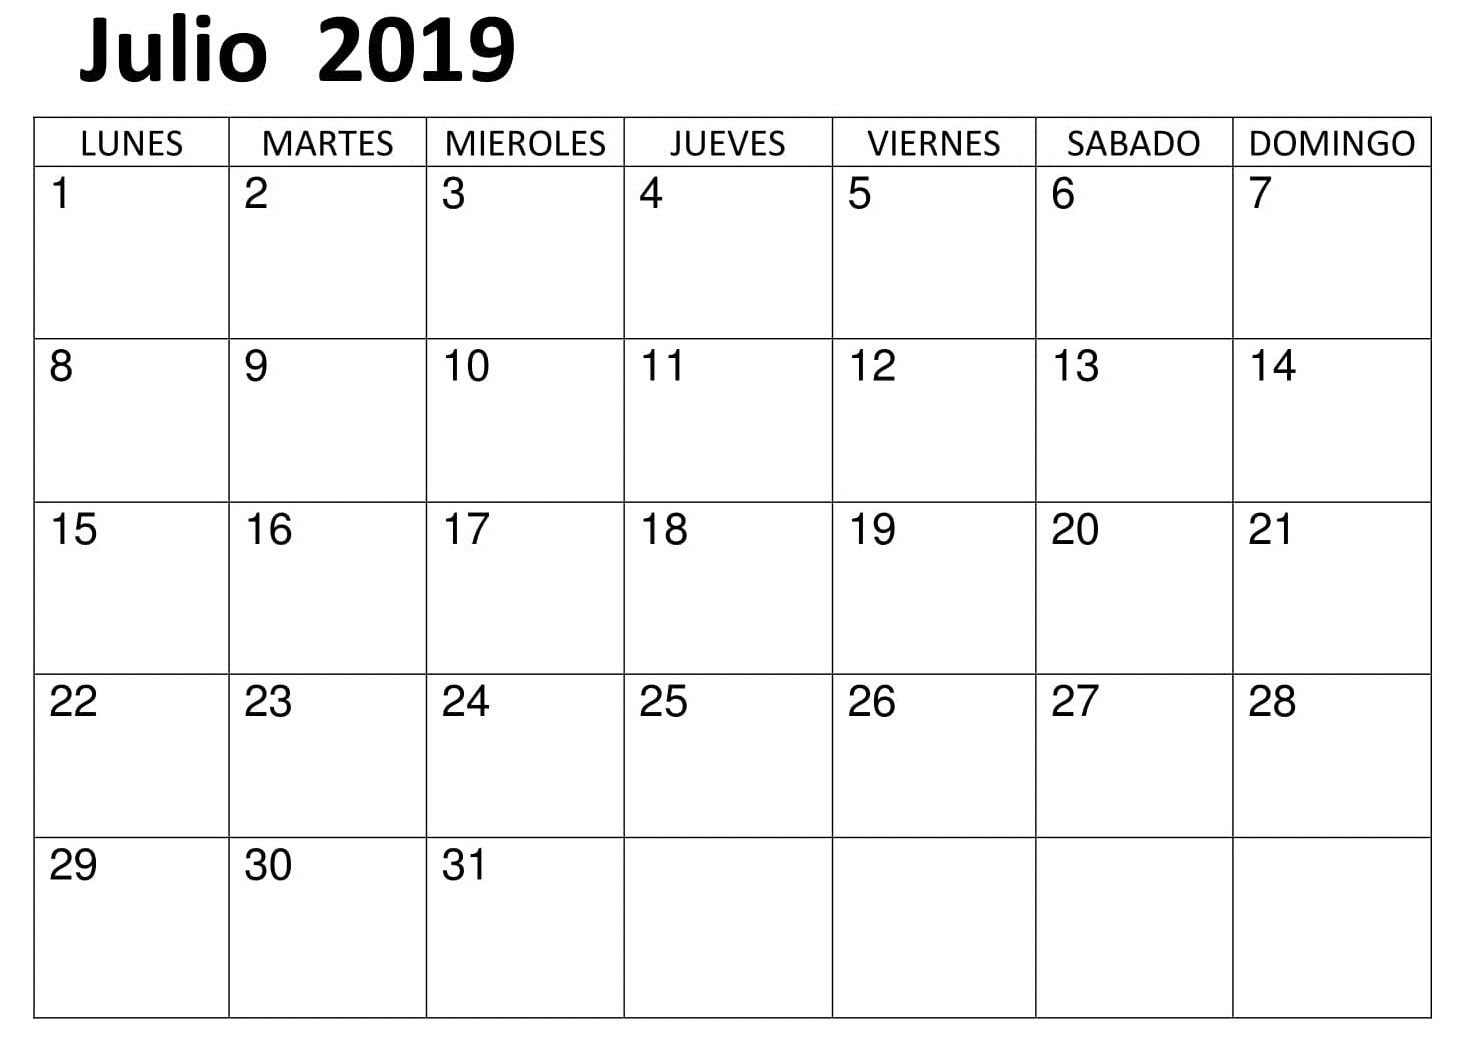 Calendario Julio 2019 Para Imprimir.Calendario Vacaciones 2019 Julio Para Imprimir Calendario